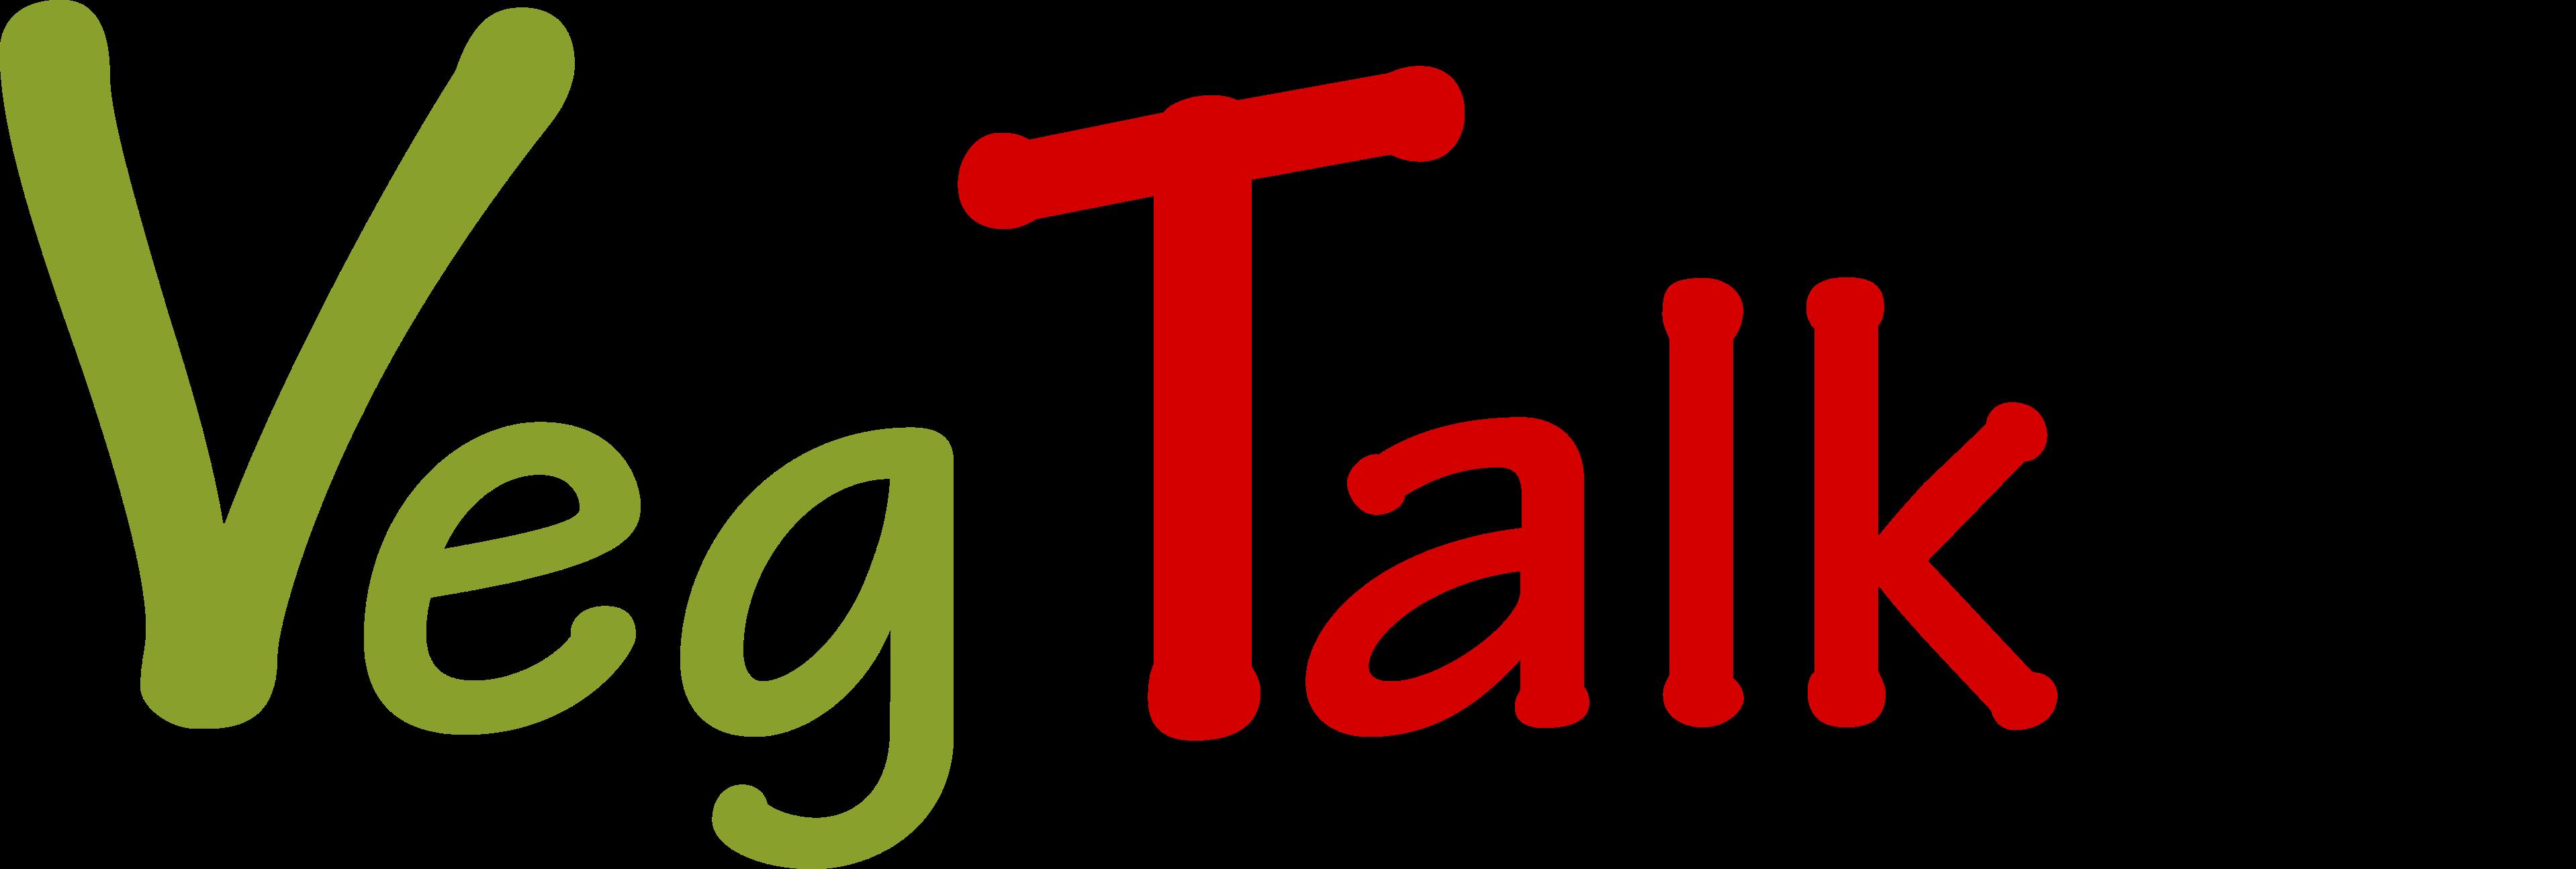 VegTalk